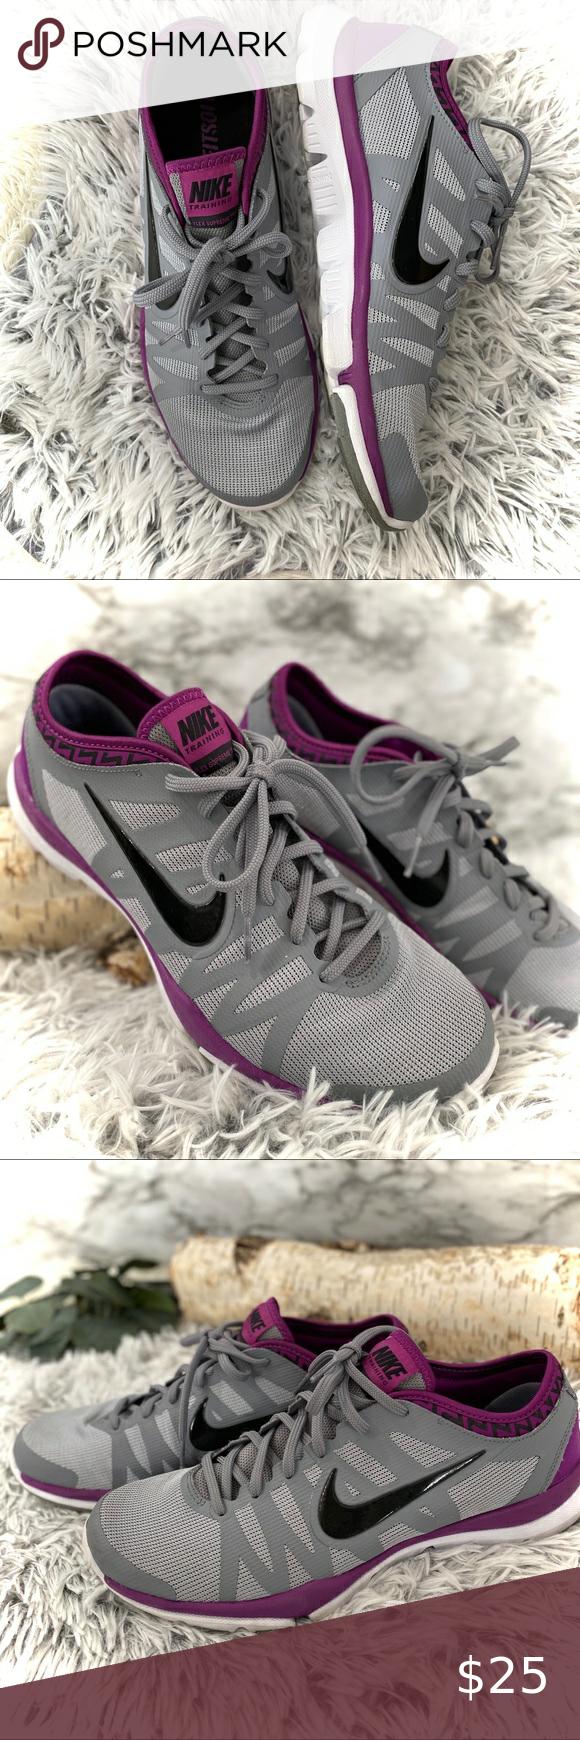 plan de ventas crucero Jugar juegos de computadora  Nike Flex Supreme TR 3 Women's Cross-Training Shoe in 2020   Cross training  shoes women, Womens nike flex, Cross training shoes